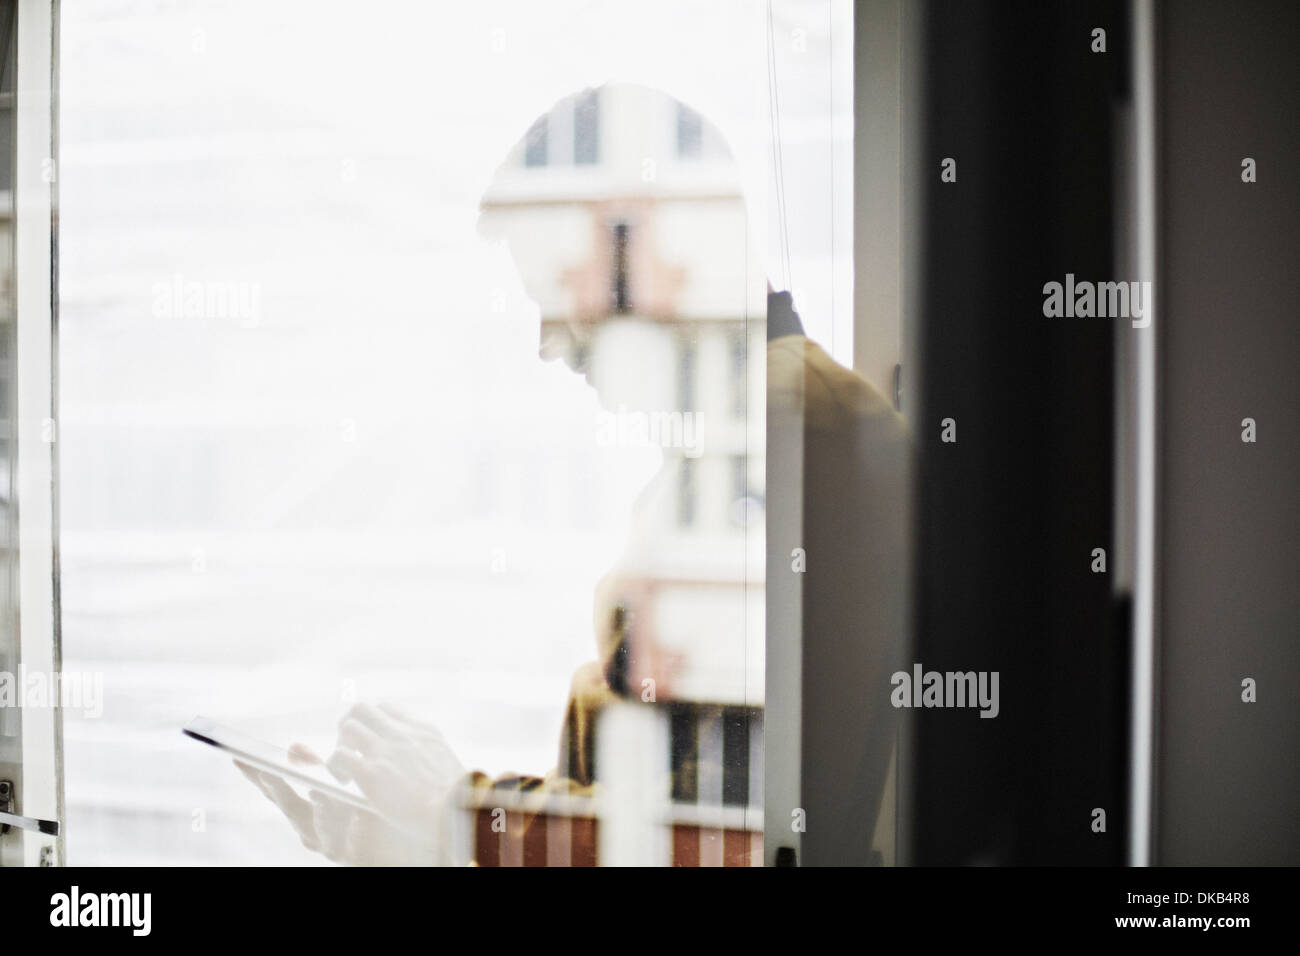 La reflexión del empresario mediante tableta digital Imagen De Stock